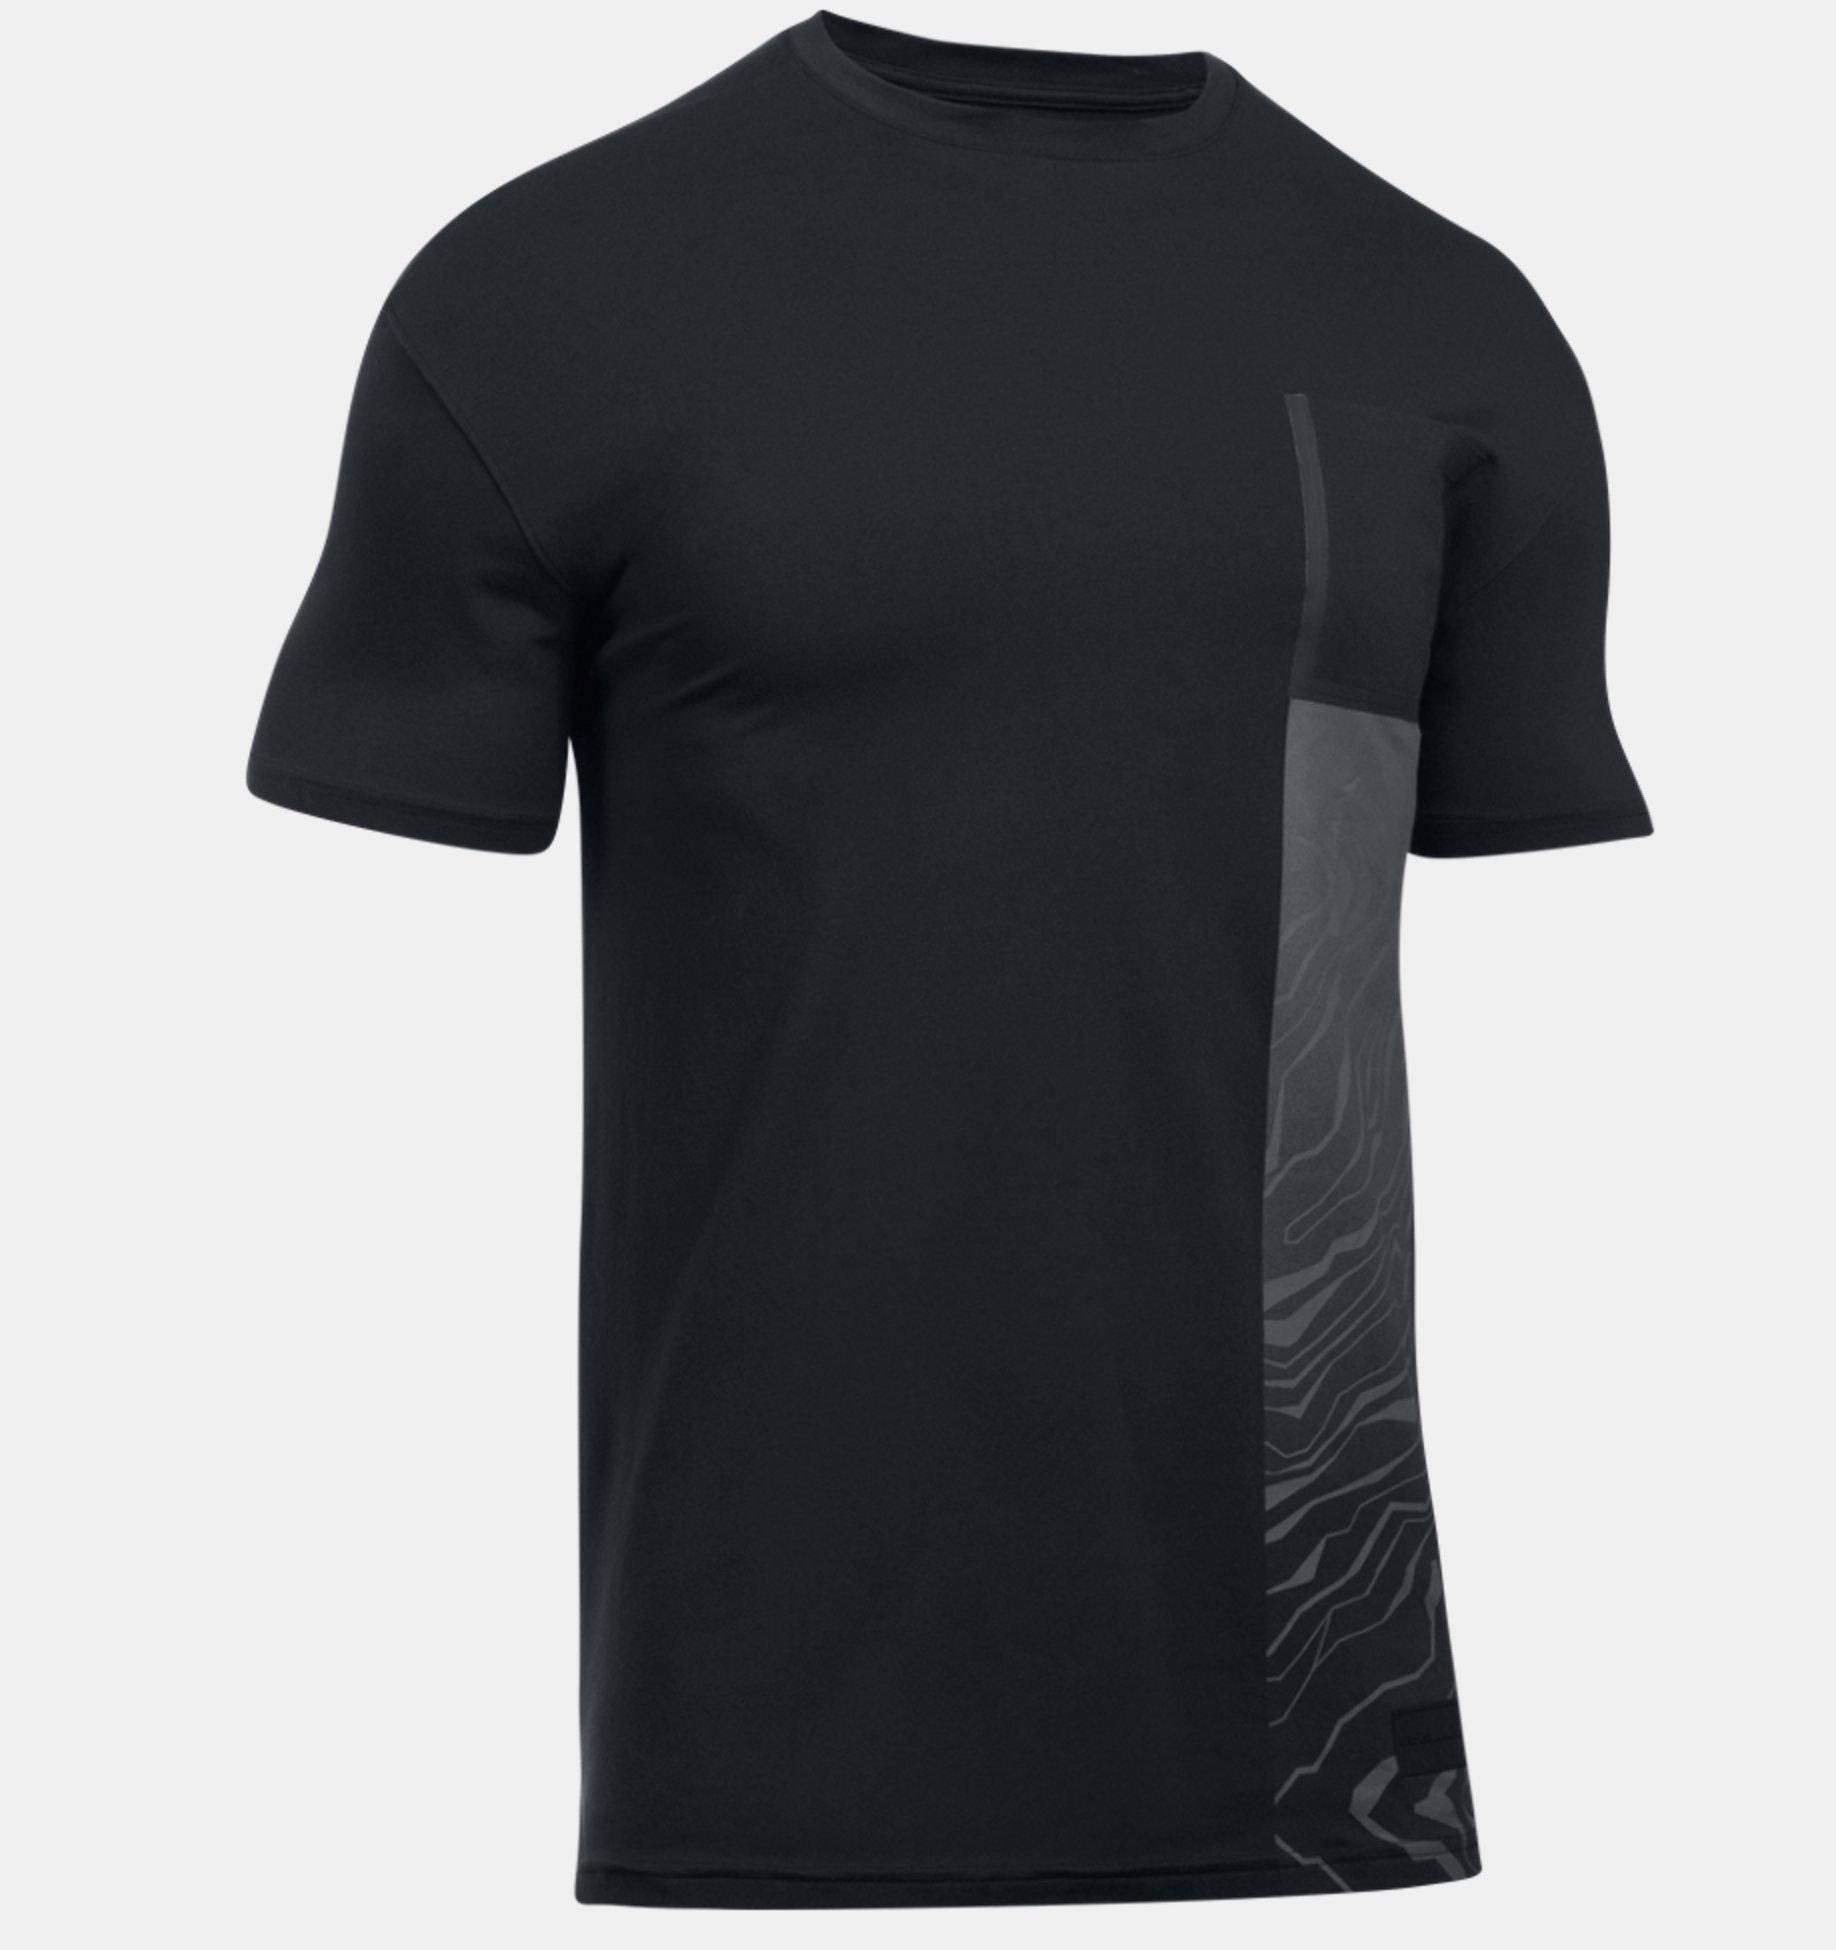 47fc8a6b760 1298638] 17F/W 남성 UA 퍼슈트 서브서피스 티셔츠, 신세계백화점